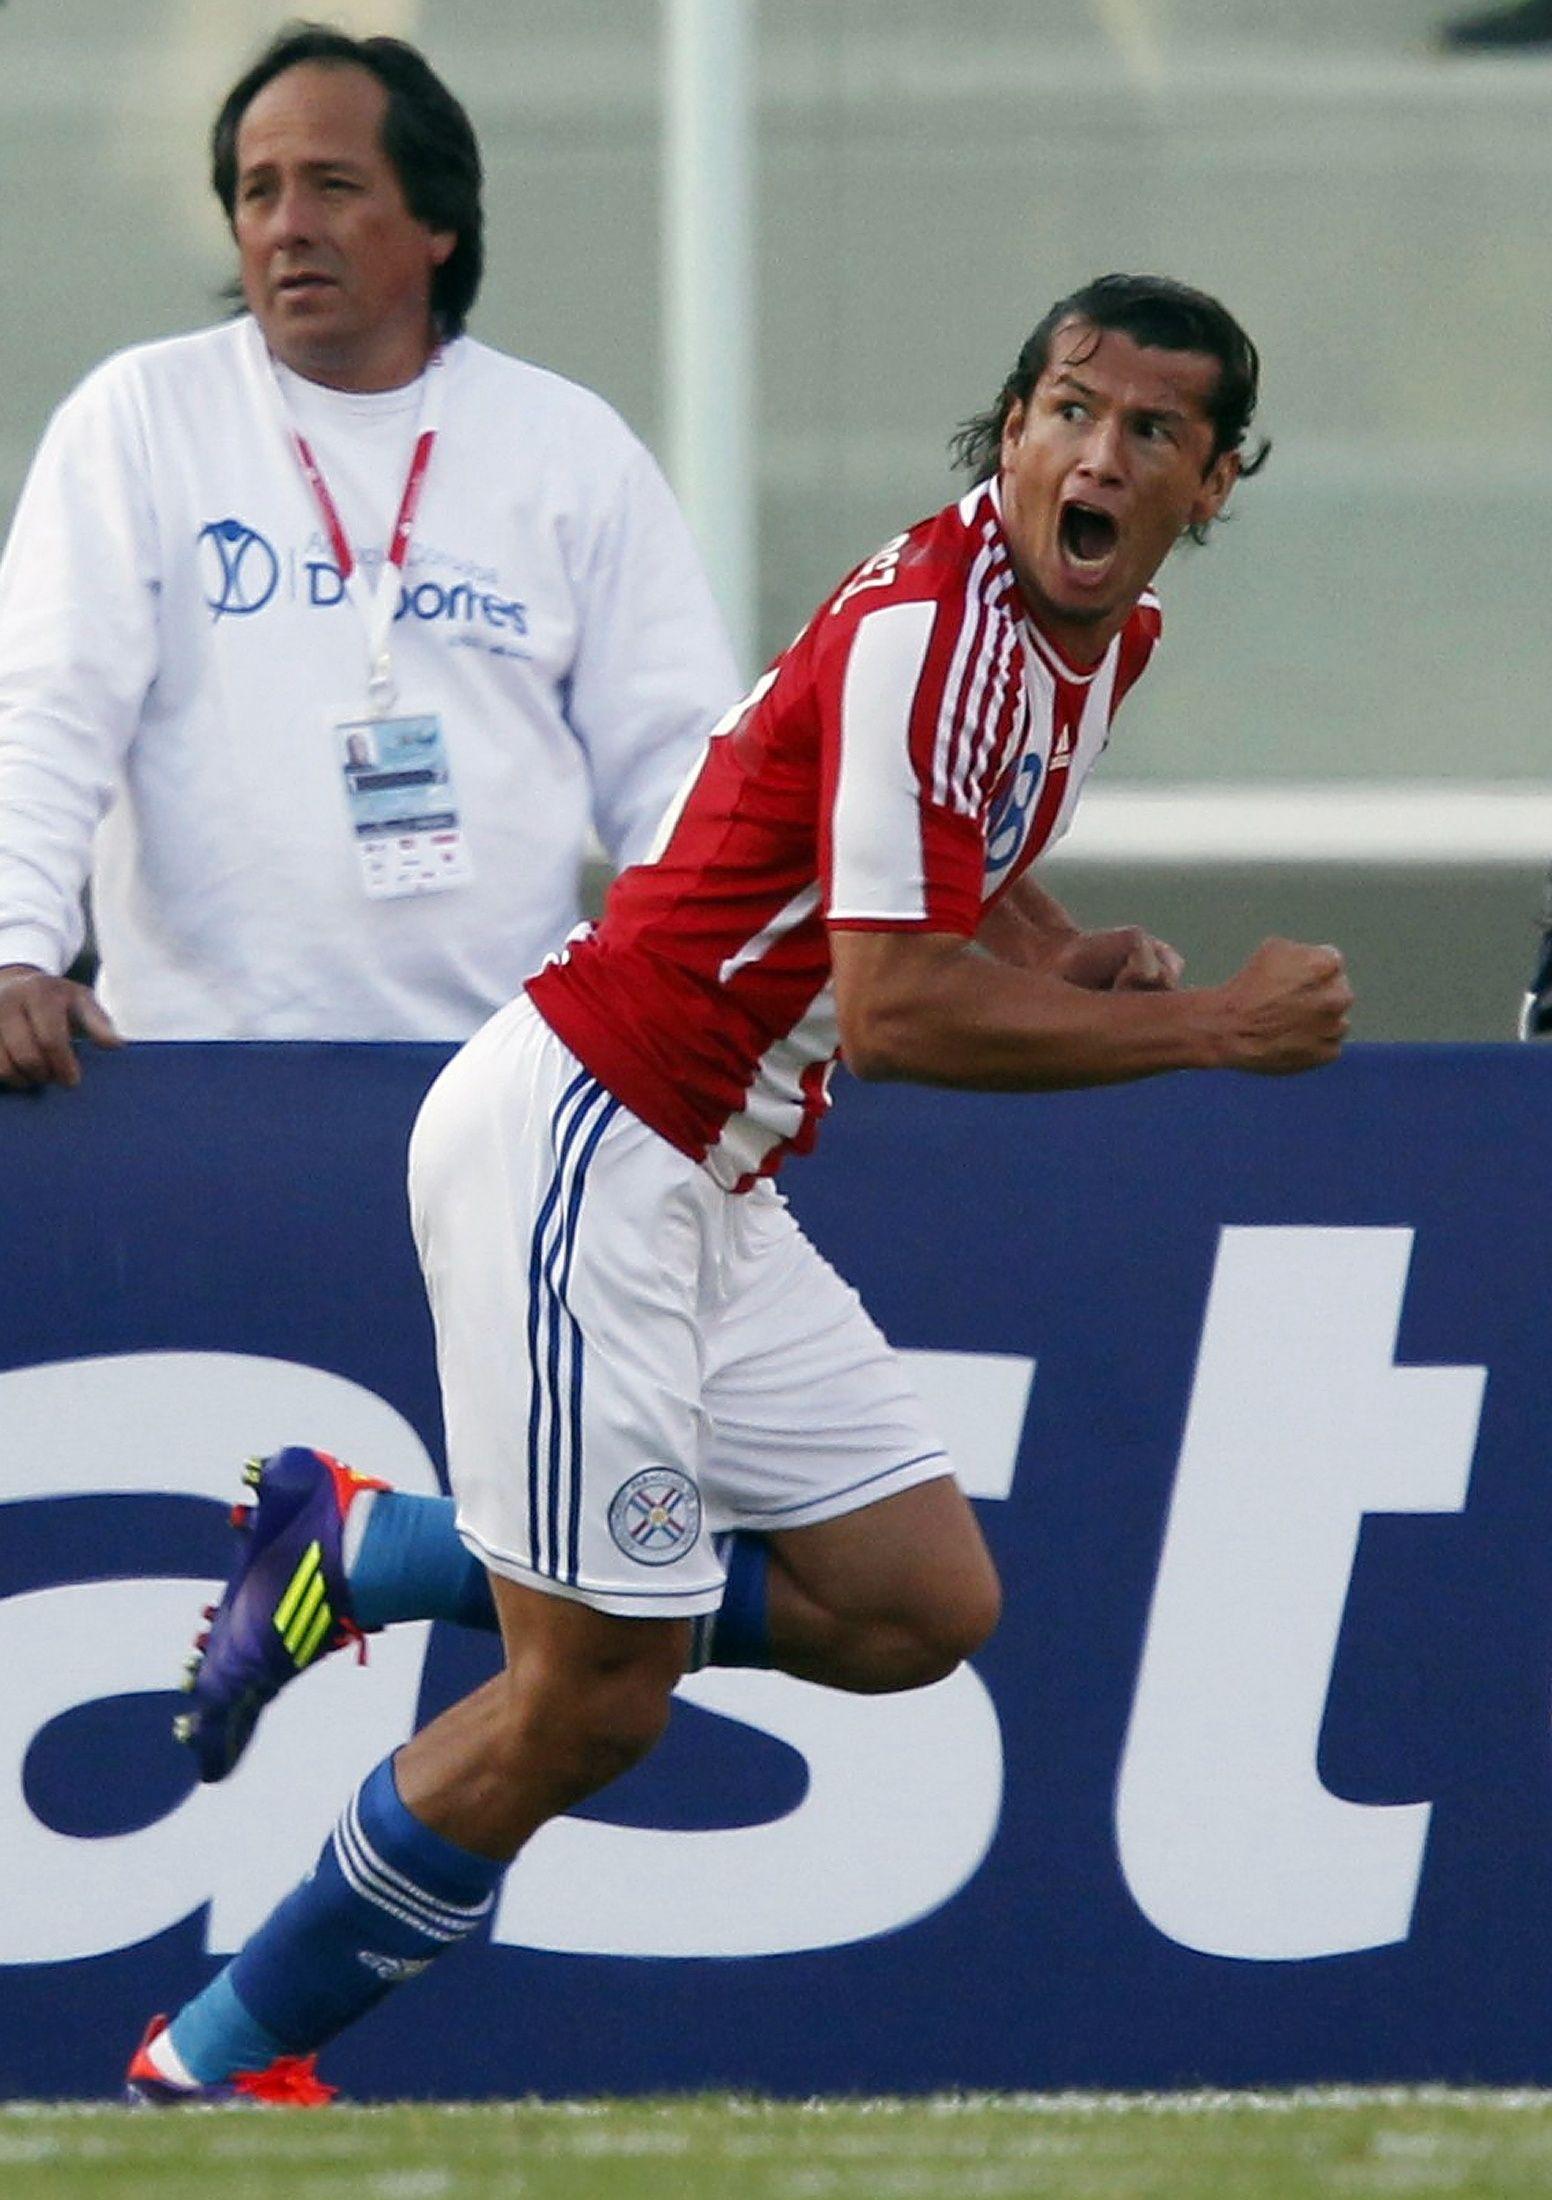 El sueño de Haedo es jugar su tercera Copa América con Paraguay. Foto: Última Hora.